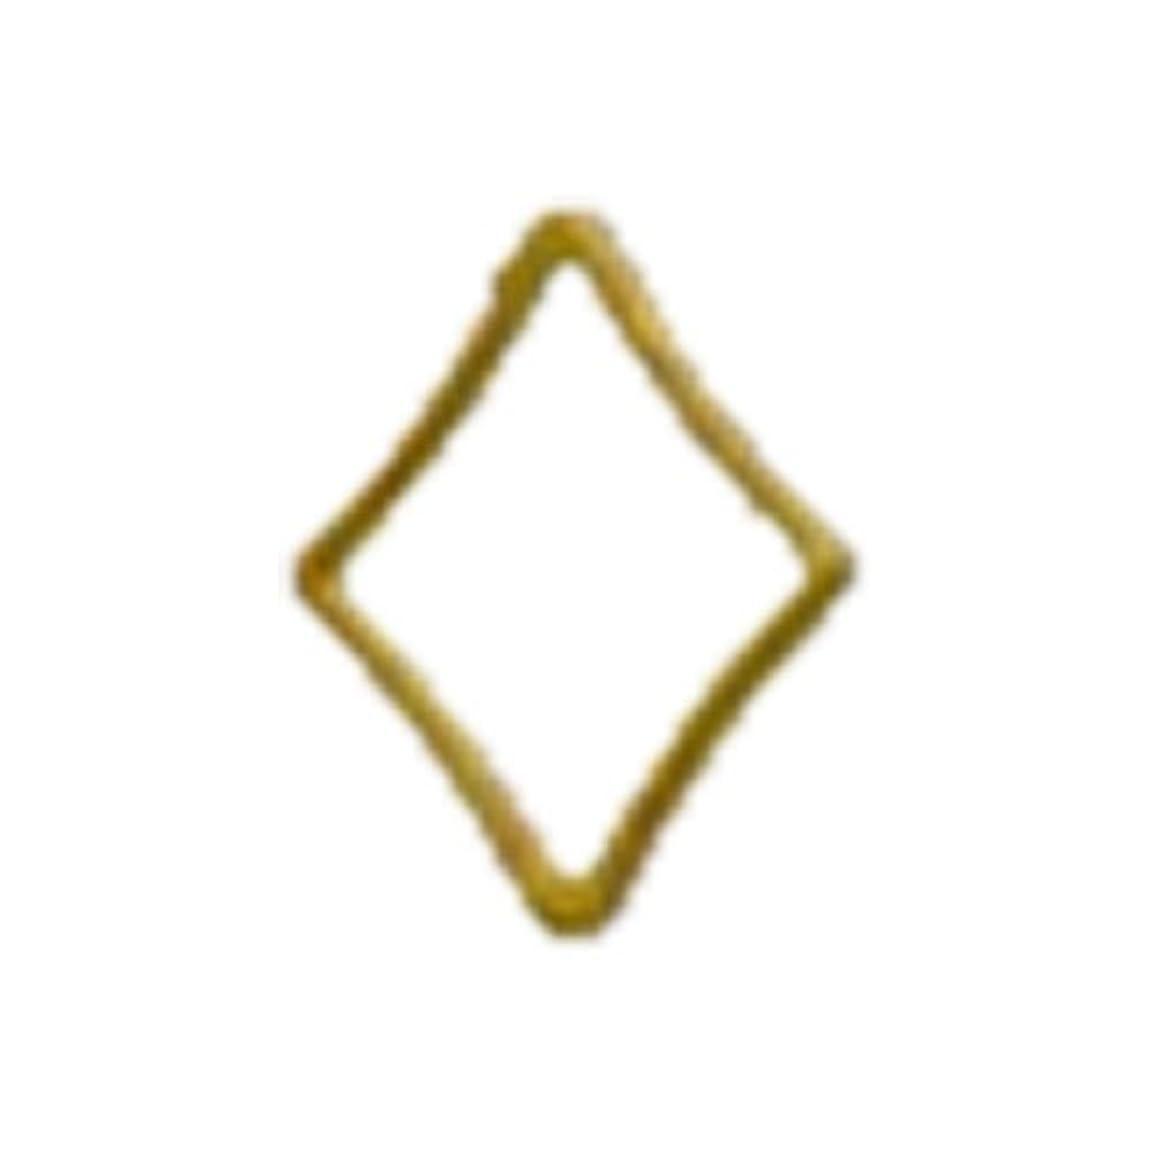 朝豊かな悪化させるリトルプリティー ネイルアートパーツ キラキラ 3S ゴールド 20個